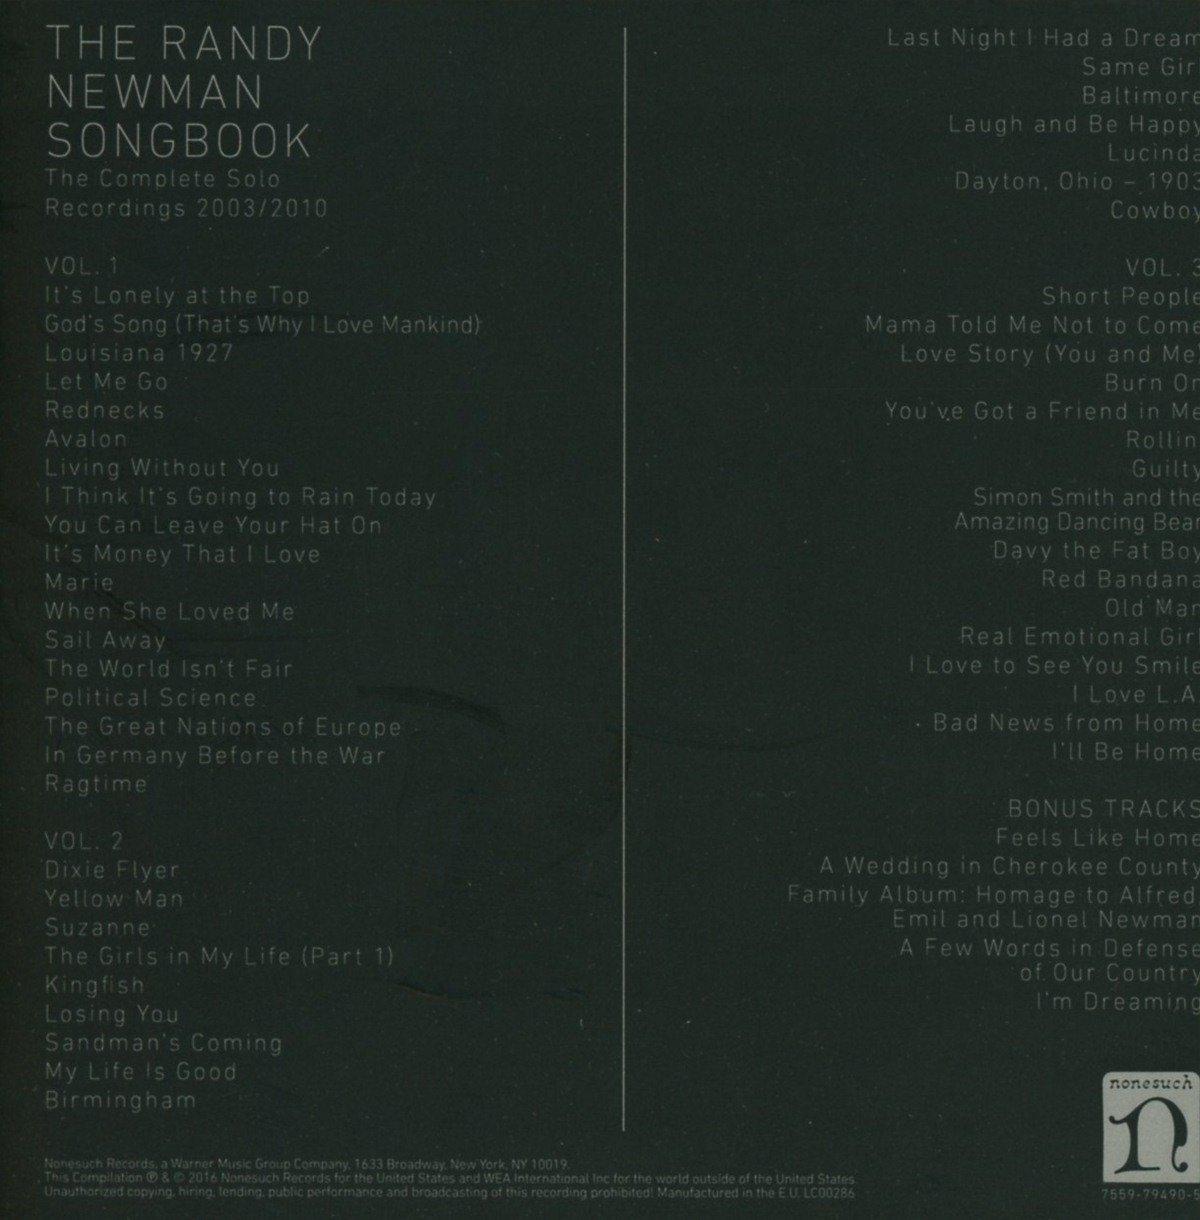 The Randy Newman Songbook - Randy Newman: Amazon.de: Musik